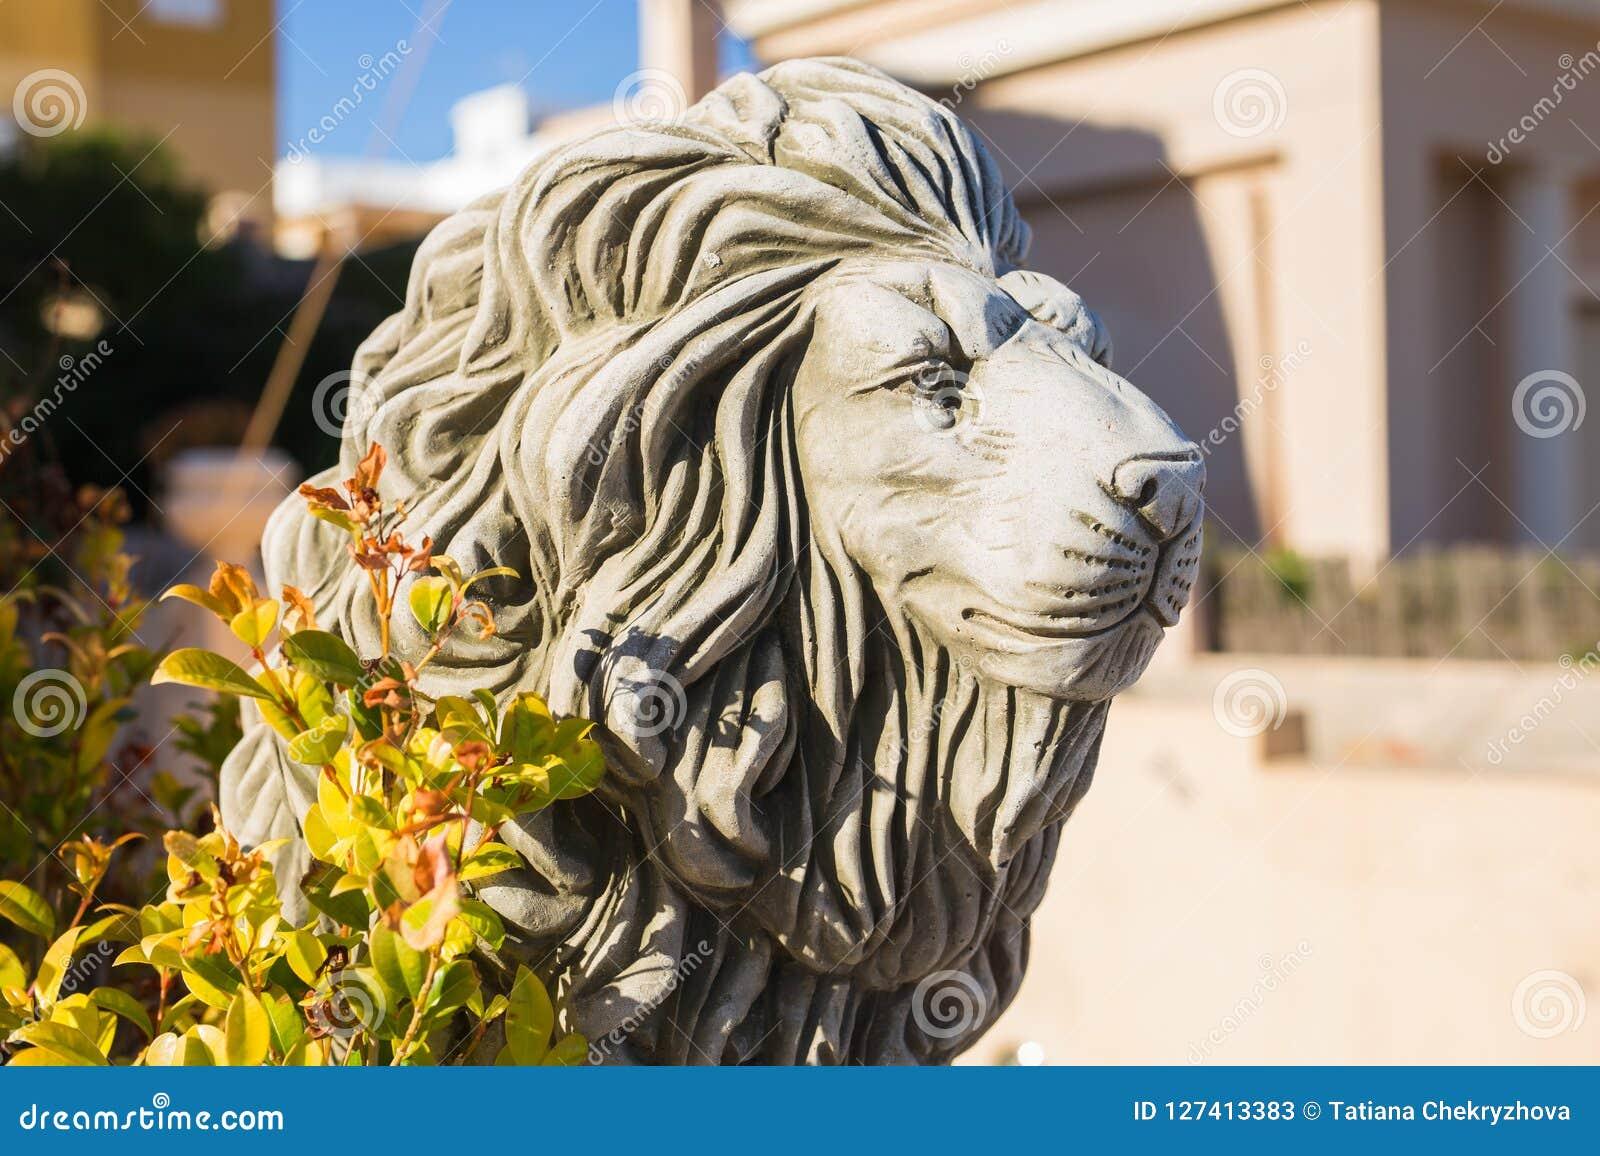 En av relikskrinerna Marmorskulptur av ett lejon på sockel